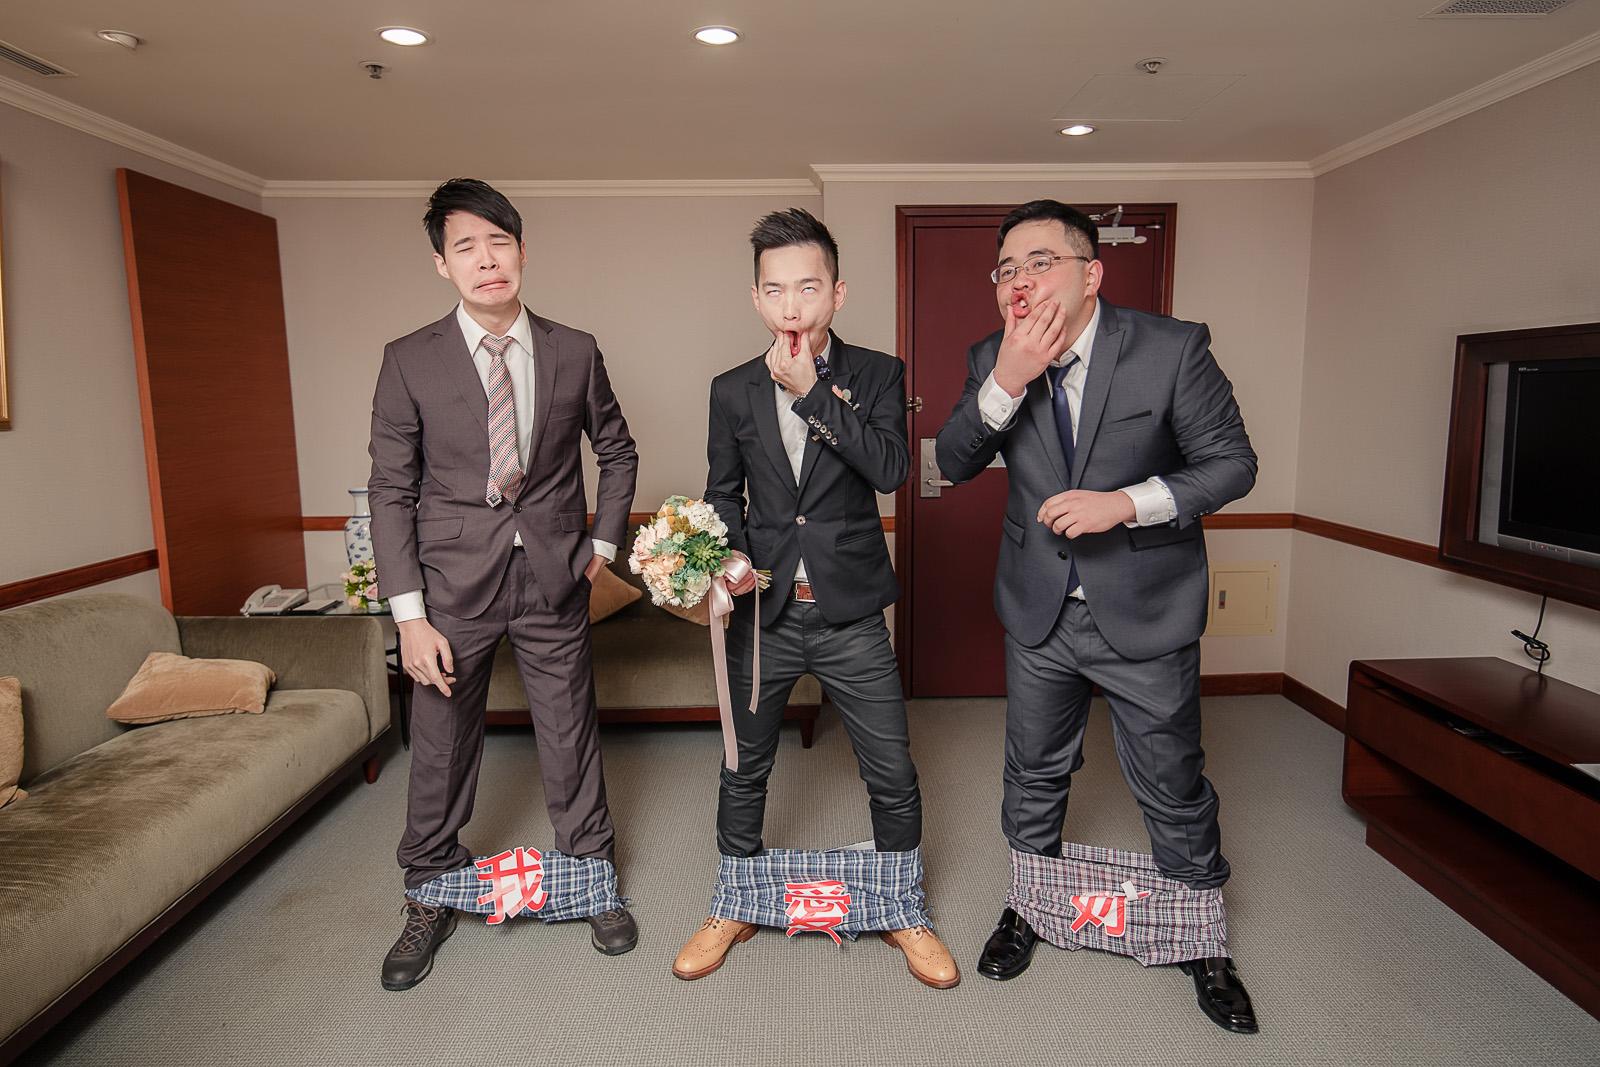 高雄圓山飯店,婚禮攝影,婚攝,高雄婚攝,優質婚攝推薦,Jen&Ethan-122